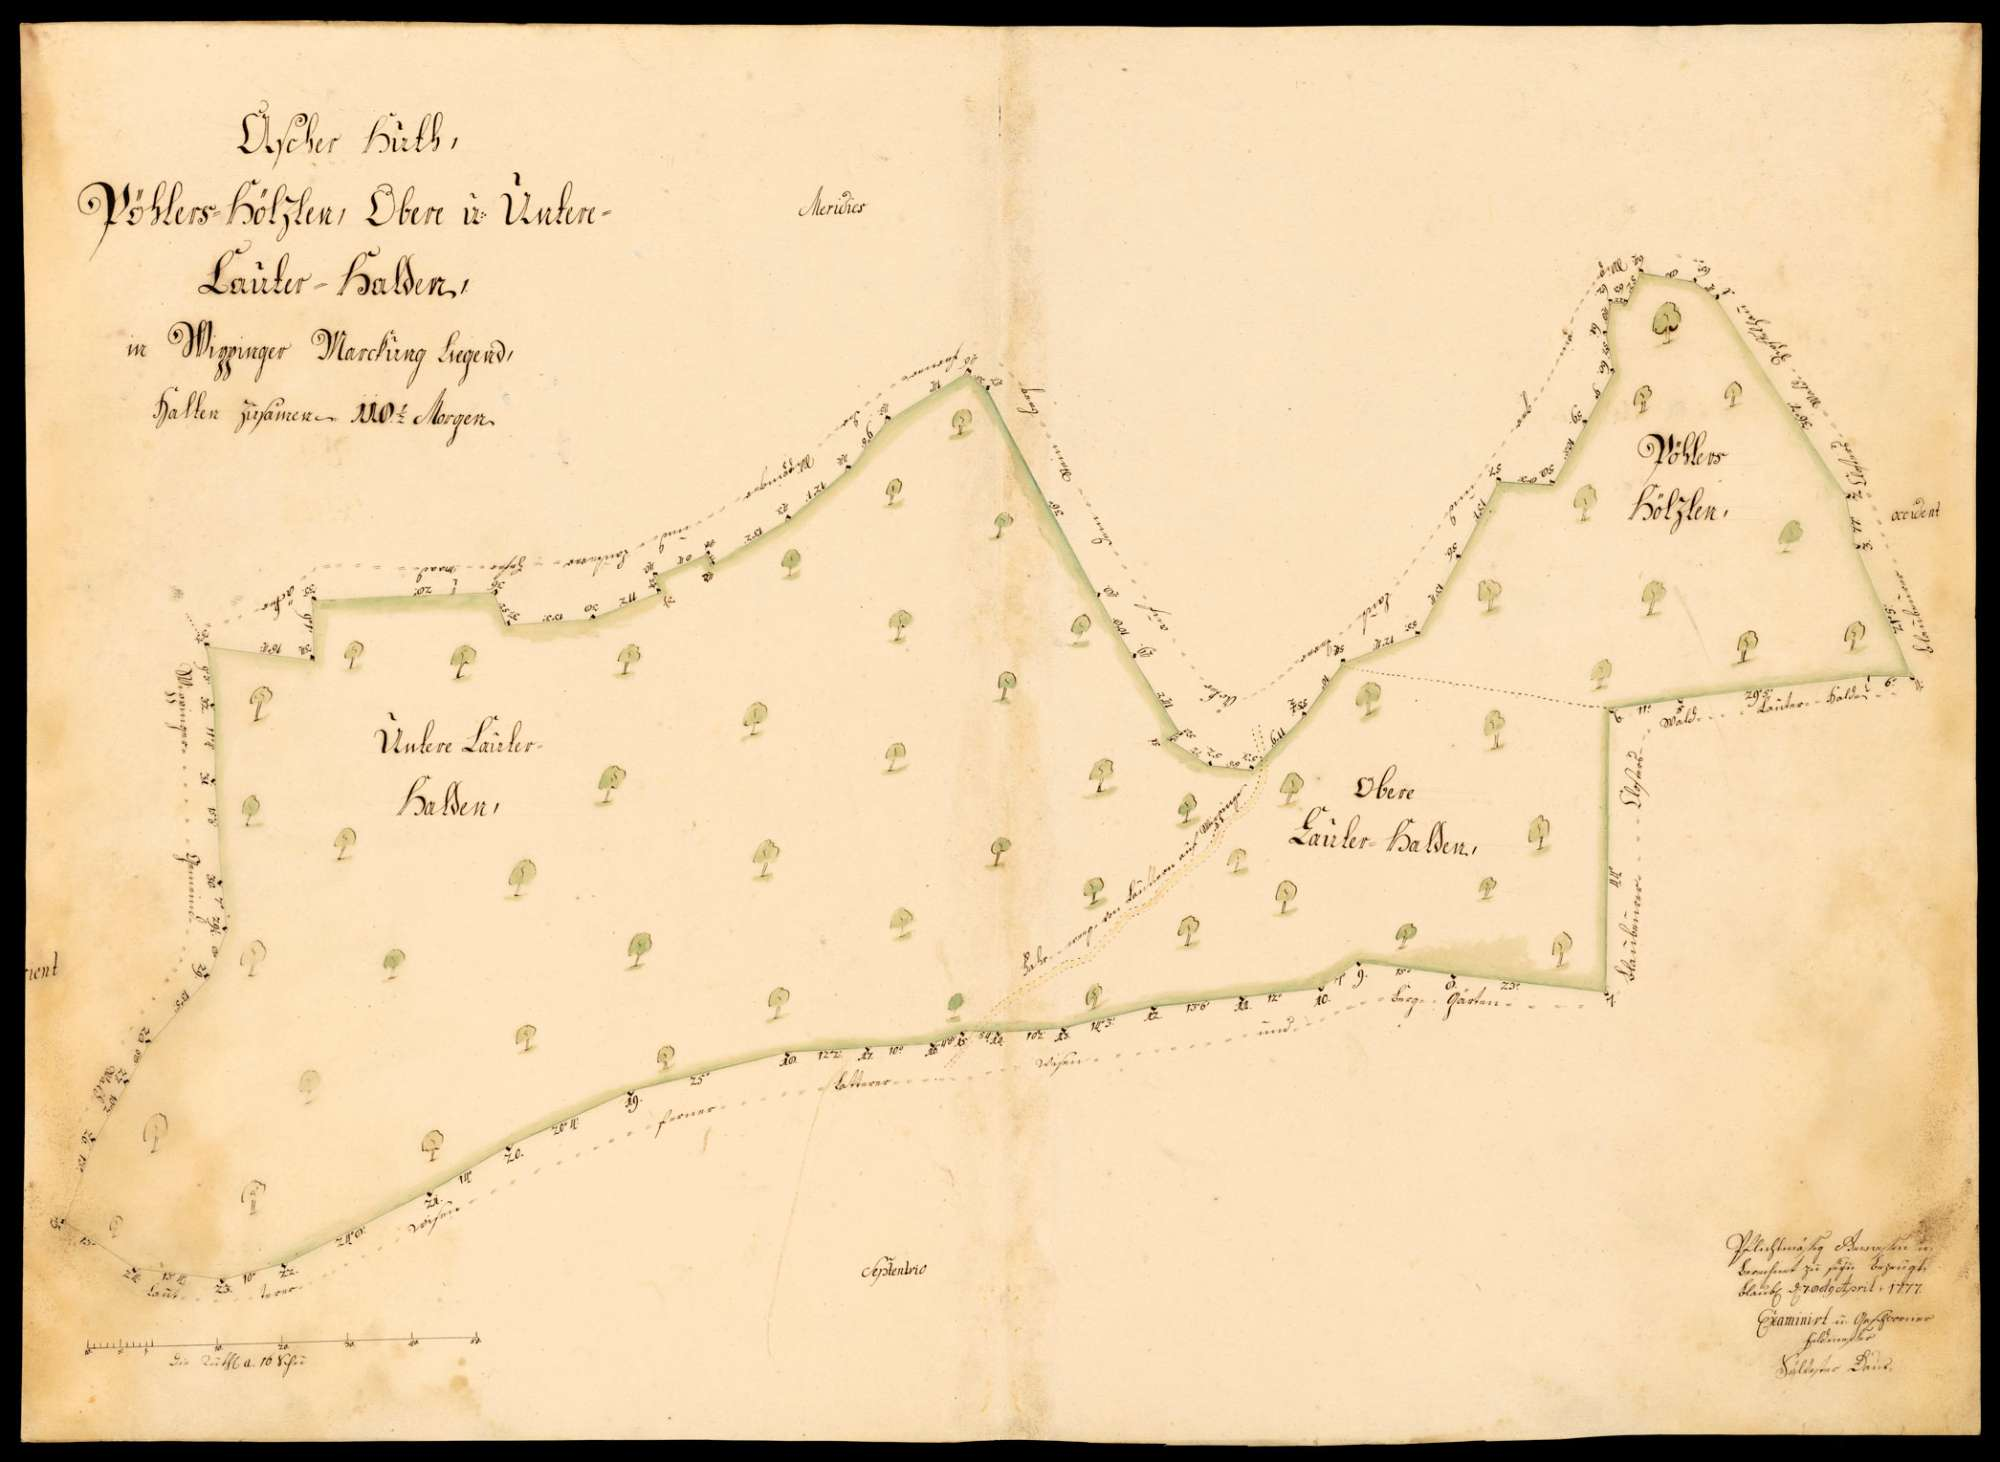 """[Kloster Blaubeuren:] """"Ascher Hut, Pöhlers-Hölzlen, obere und untere Lauter-Halden, in Wippinger Markung liegend"""", Bild 1"""